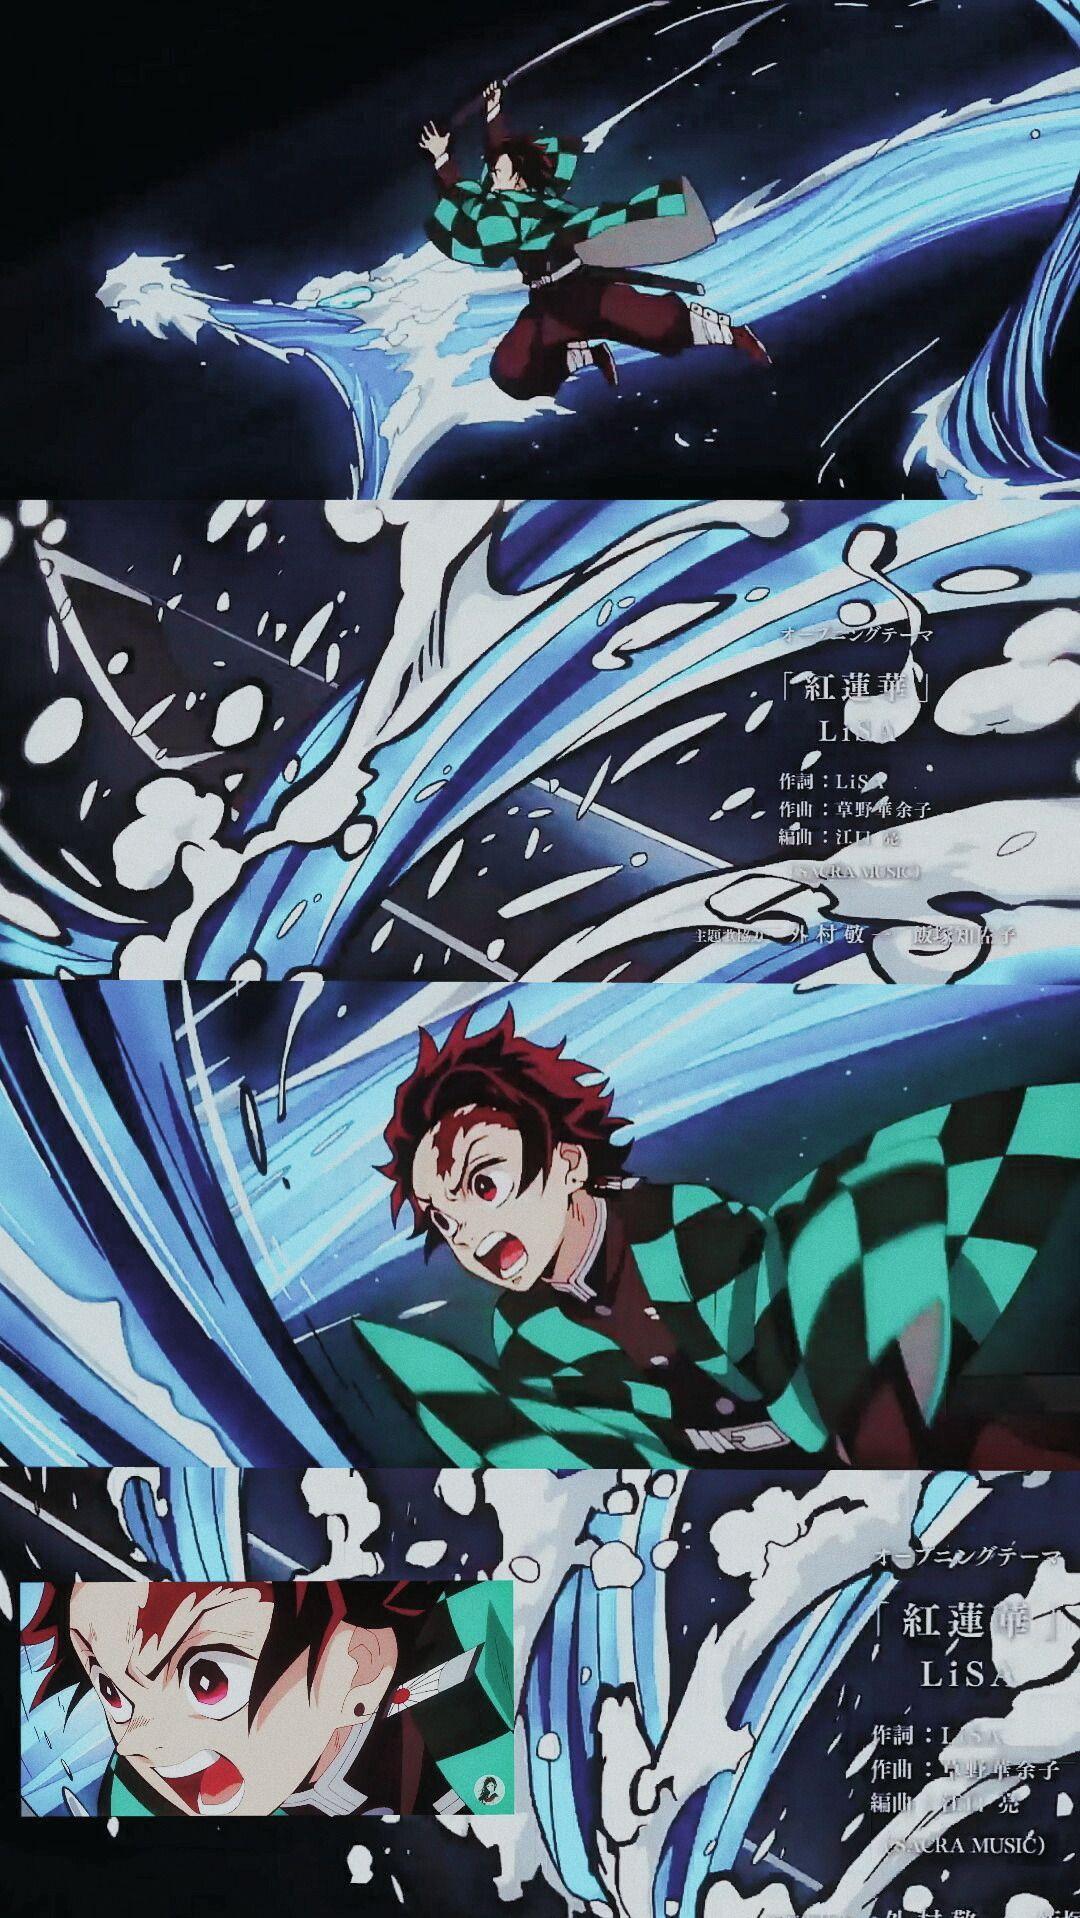 Wallpaper Tanjiro Aesthetic Anime Anime Demon Anime Wallpaper